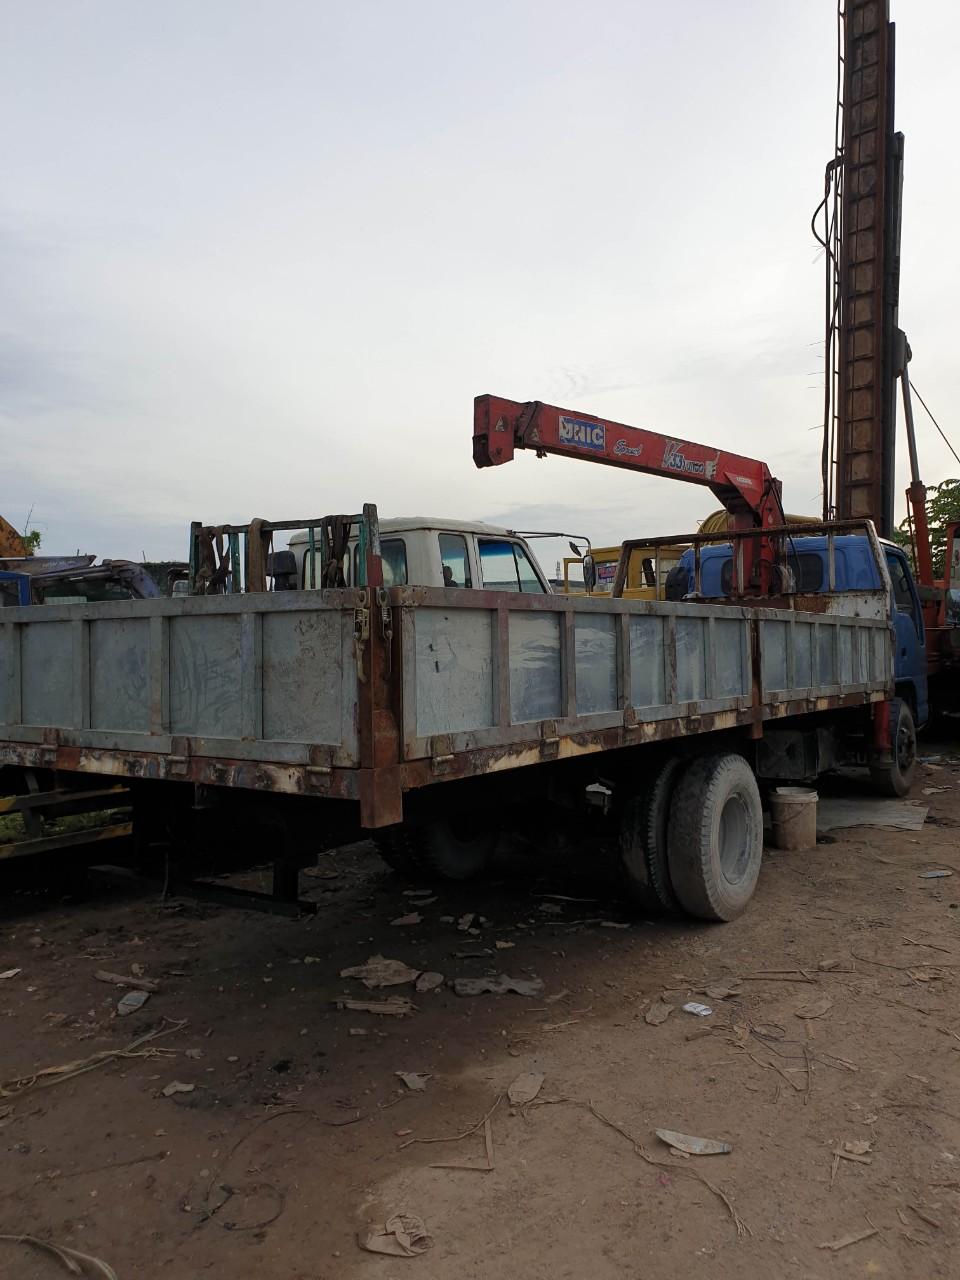 Cho thuê xe cẩu - xe cẩu tải - xe cẩu thùng - xe cẩu bánh xích tại tphcm